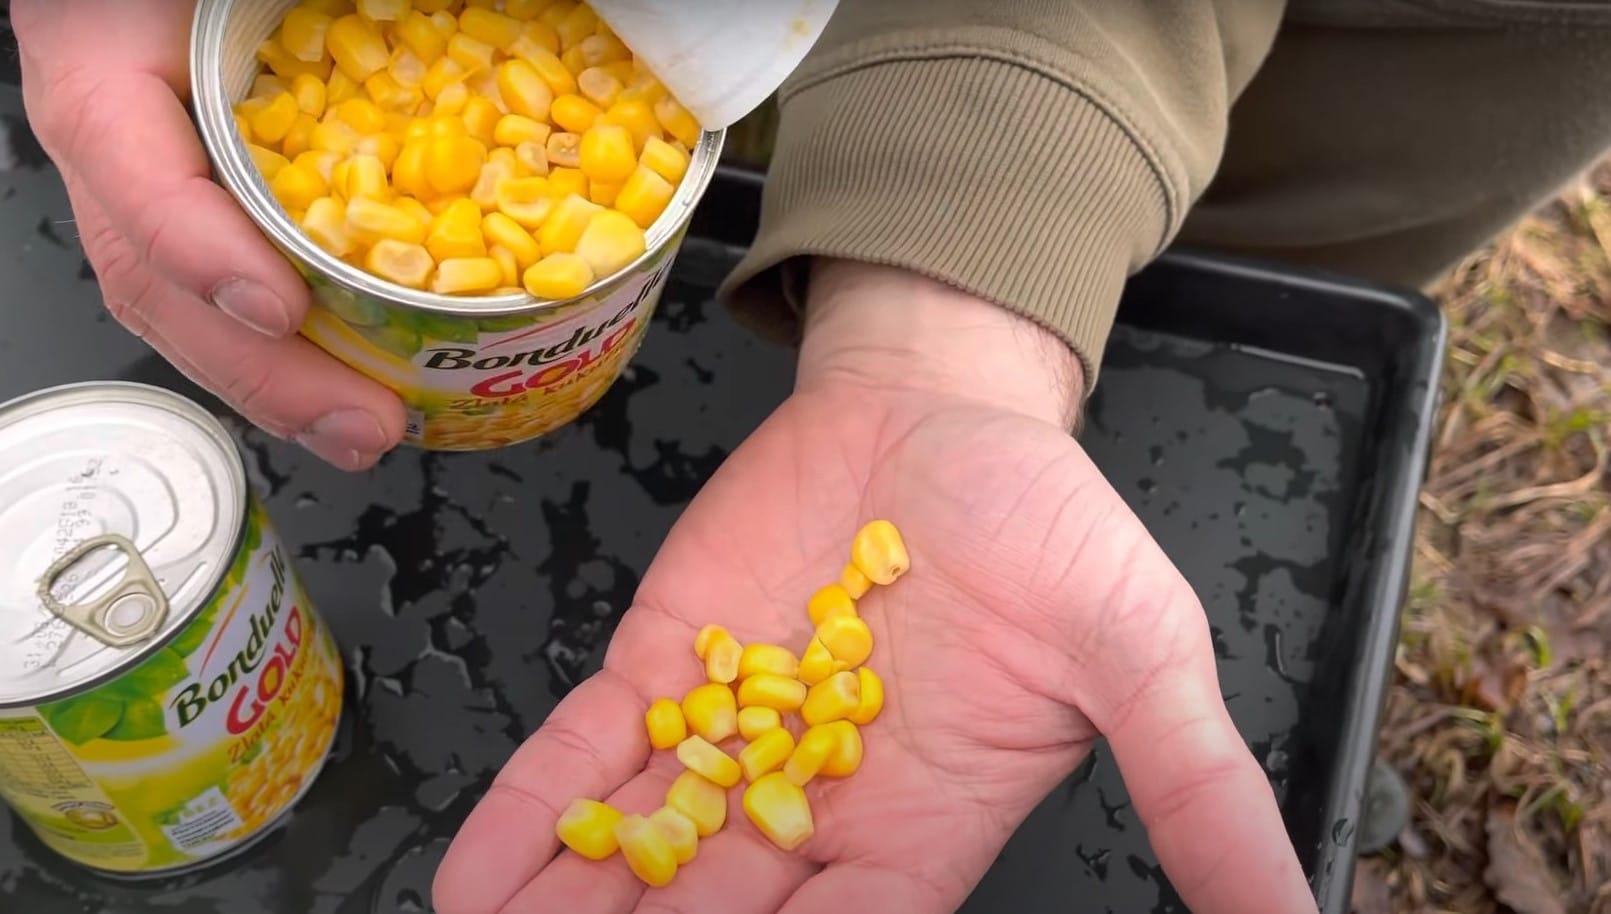 Kukuřice na ryby do krmení: Chutná kukuřice těm největším kaprům? A jak s ní krmit?